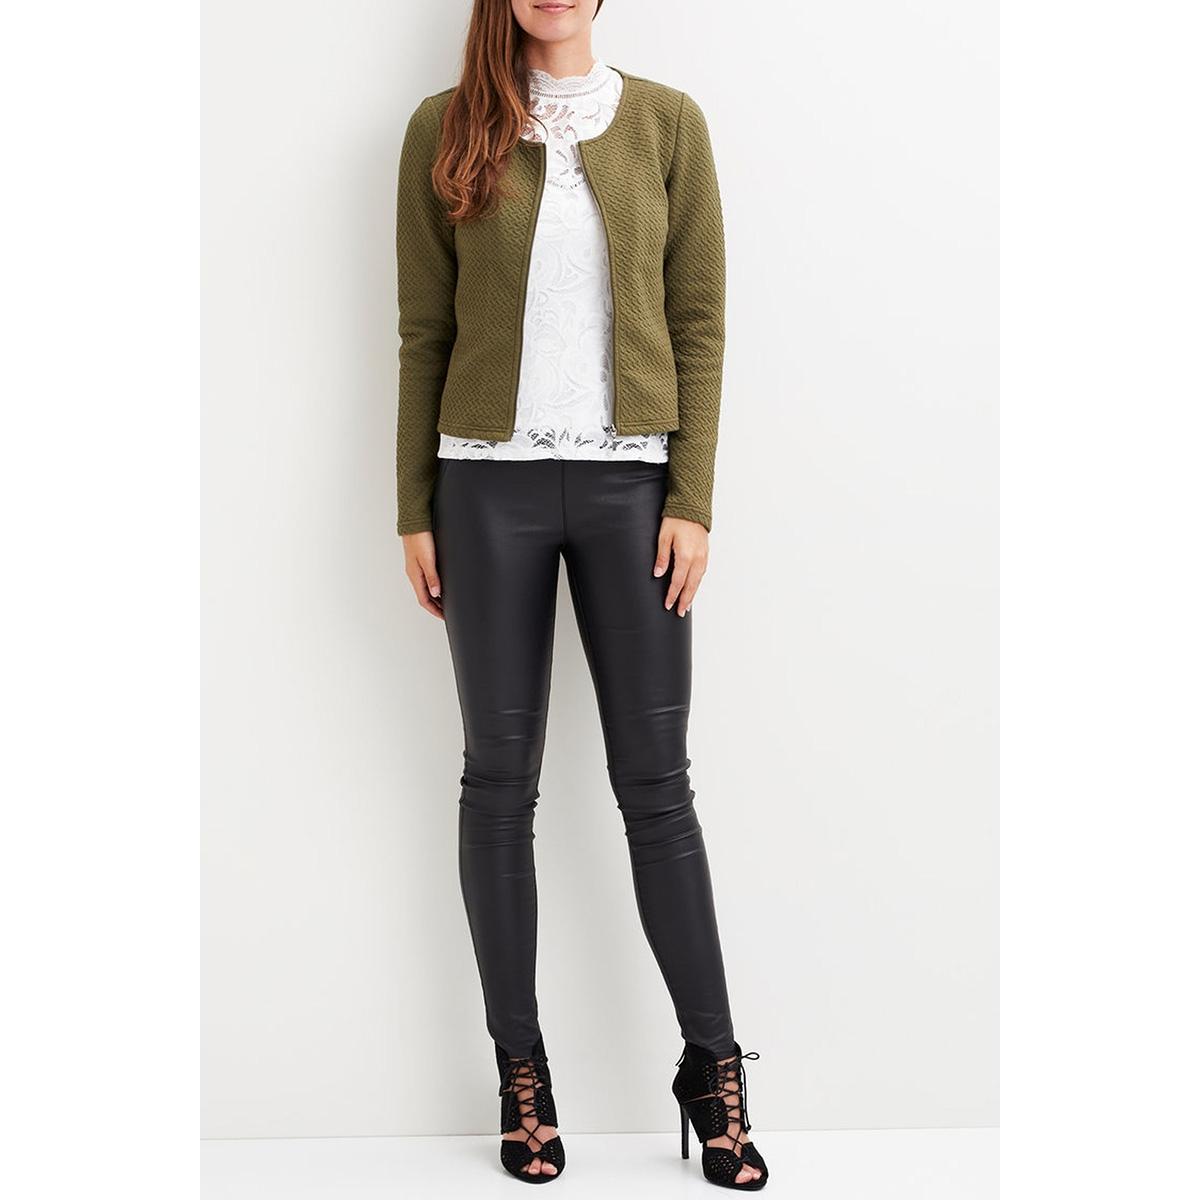 vinaja new short jacket-fav 14043895 vila vest ivy green